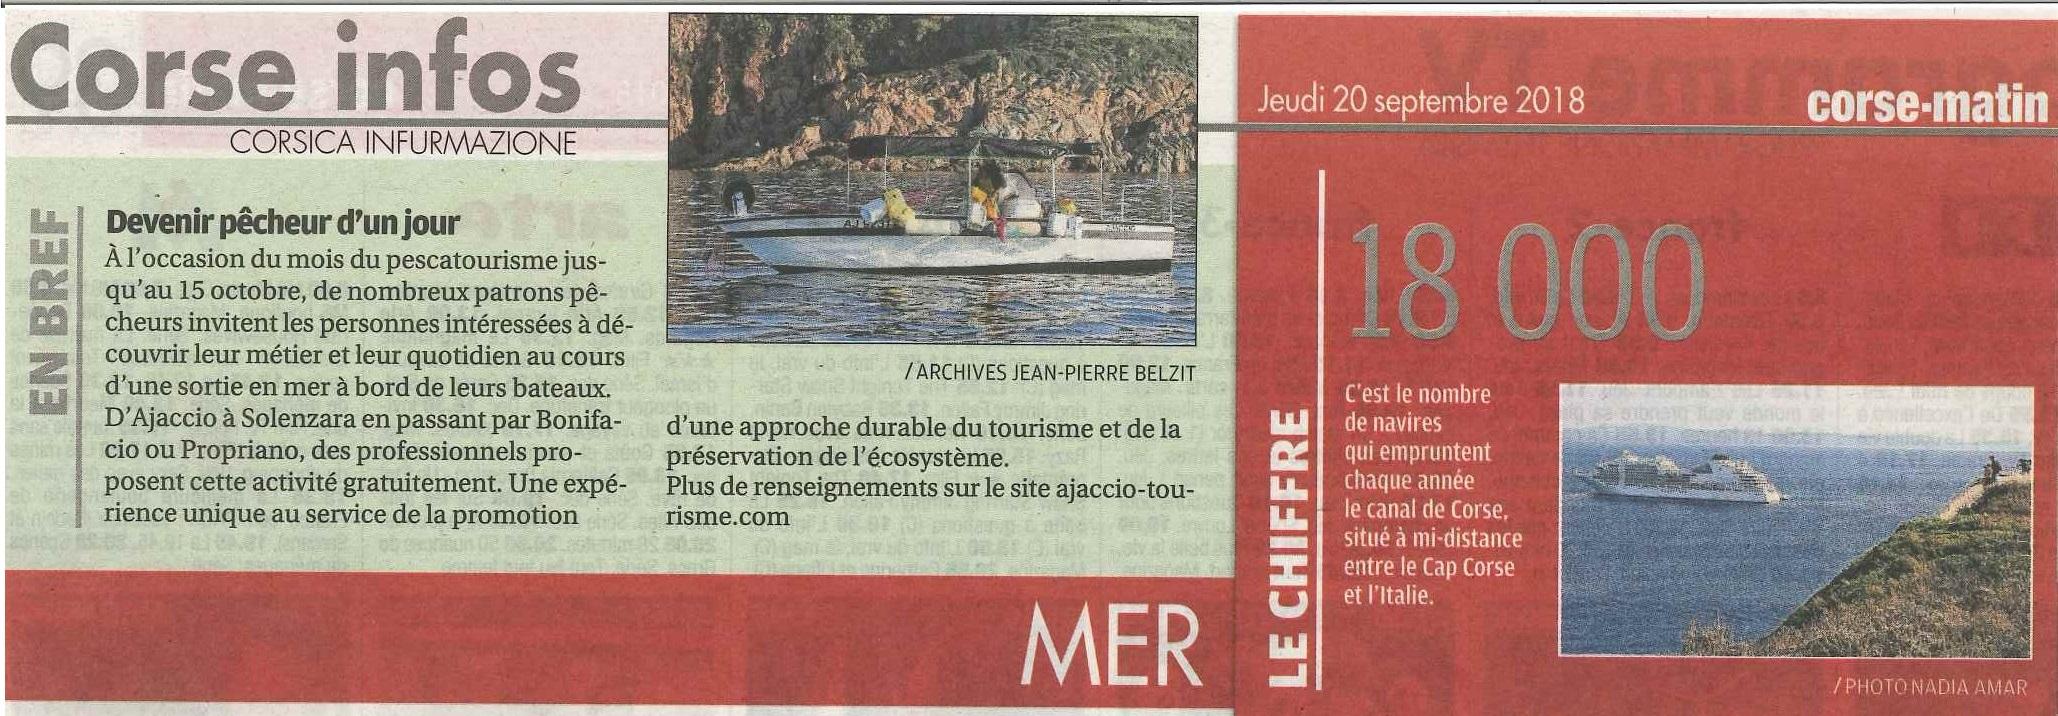 Le mois du pescatourisme en Corse